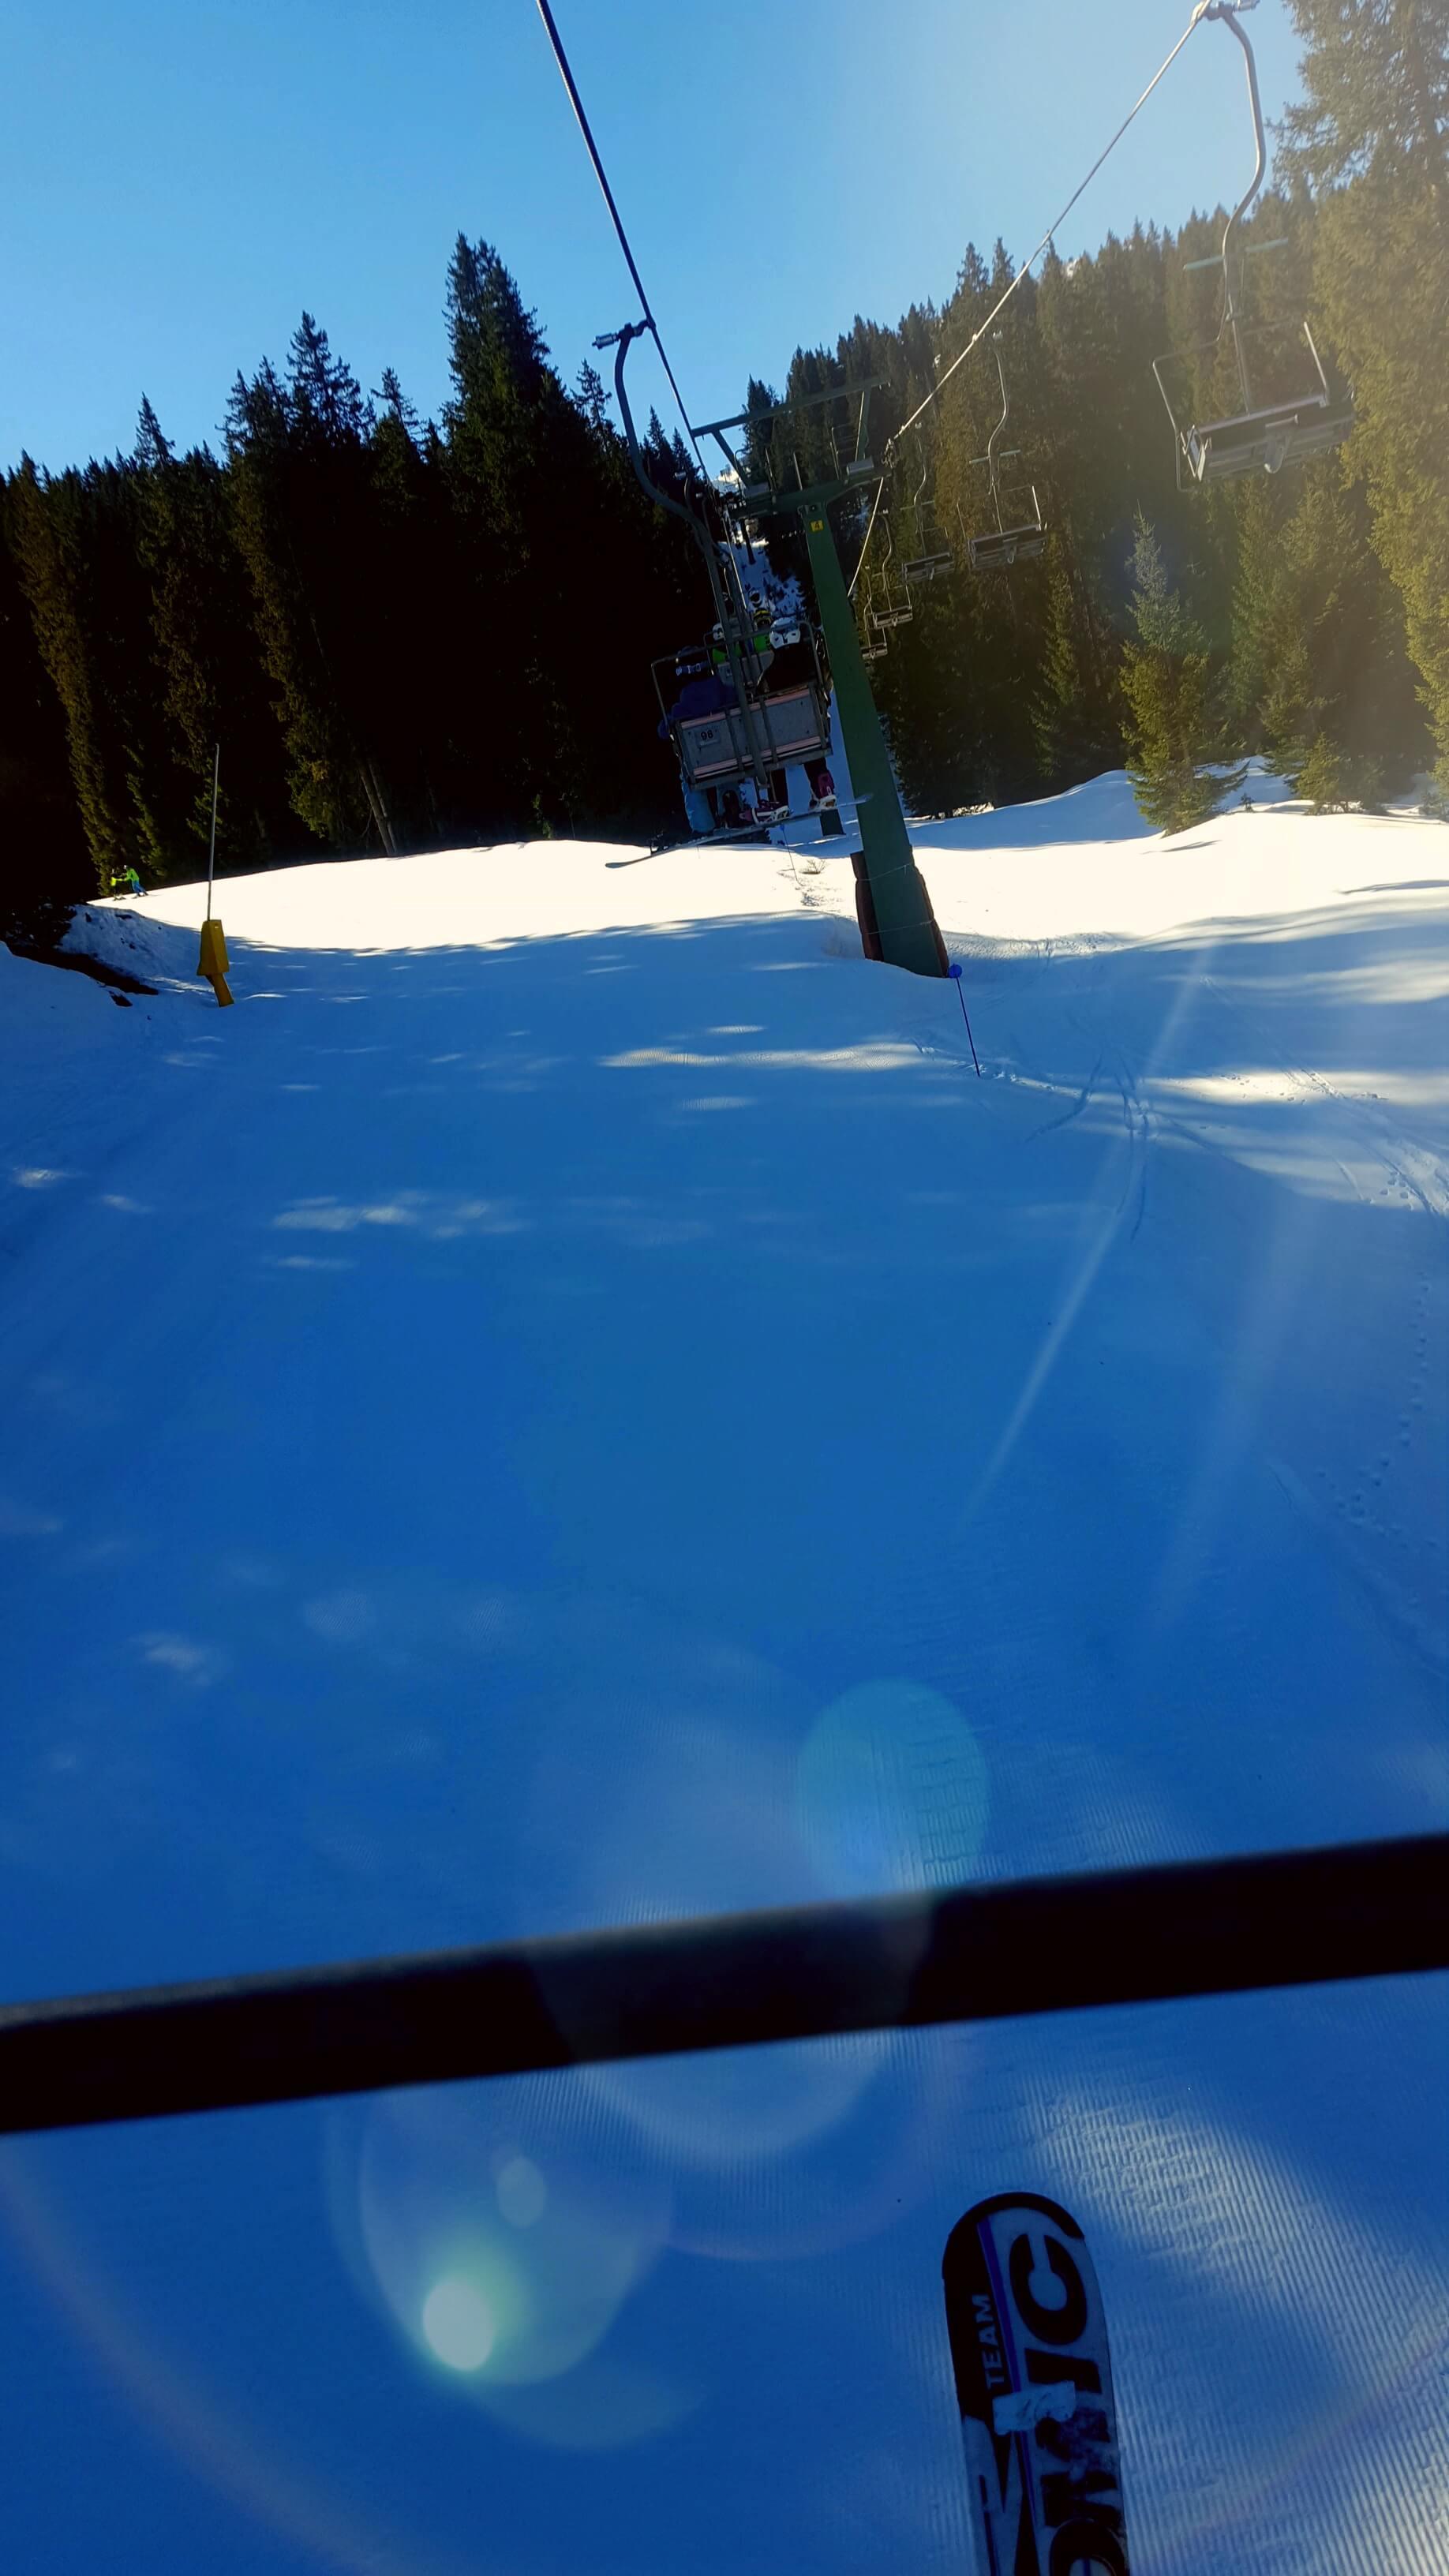 ski6 (1).jpg